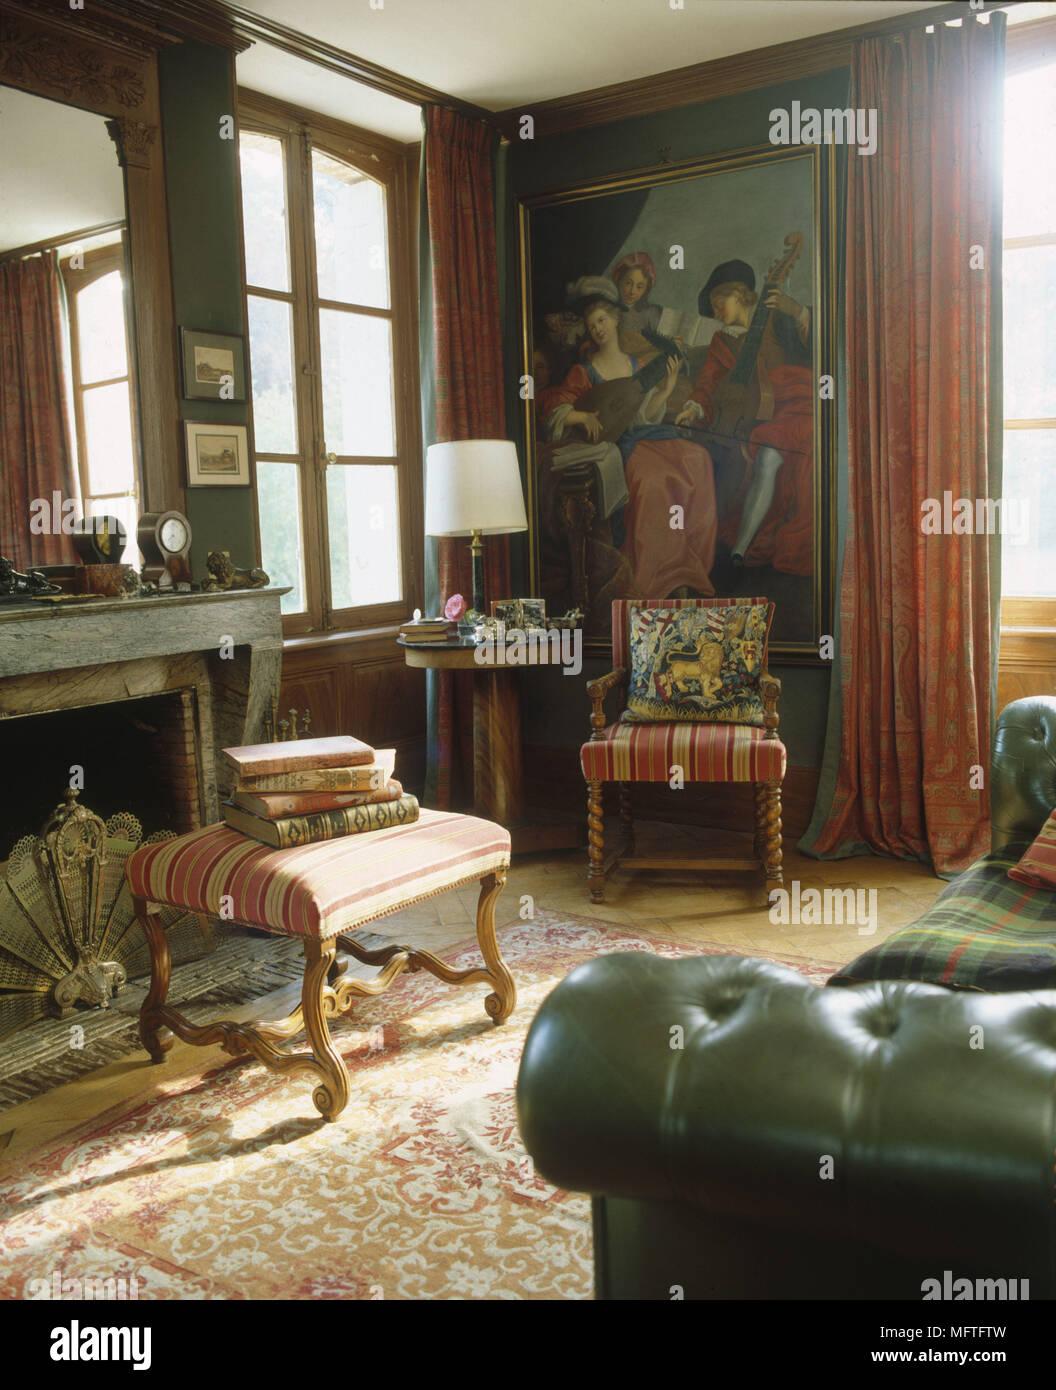 Traditionelle Wohnzimmer Dunkle Wande Dekorative Sessel Grosses Gerahmtes Bild Beistelltisch Innenraume Zimmer Farbe Lampe Mit Schatten Bucher Ornamente Cushio Stockfotografie Alamy